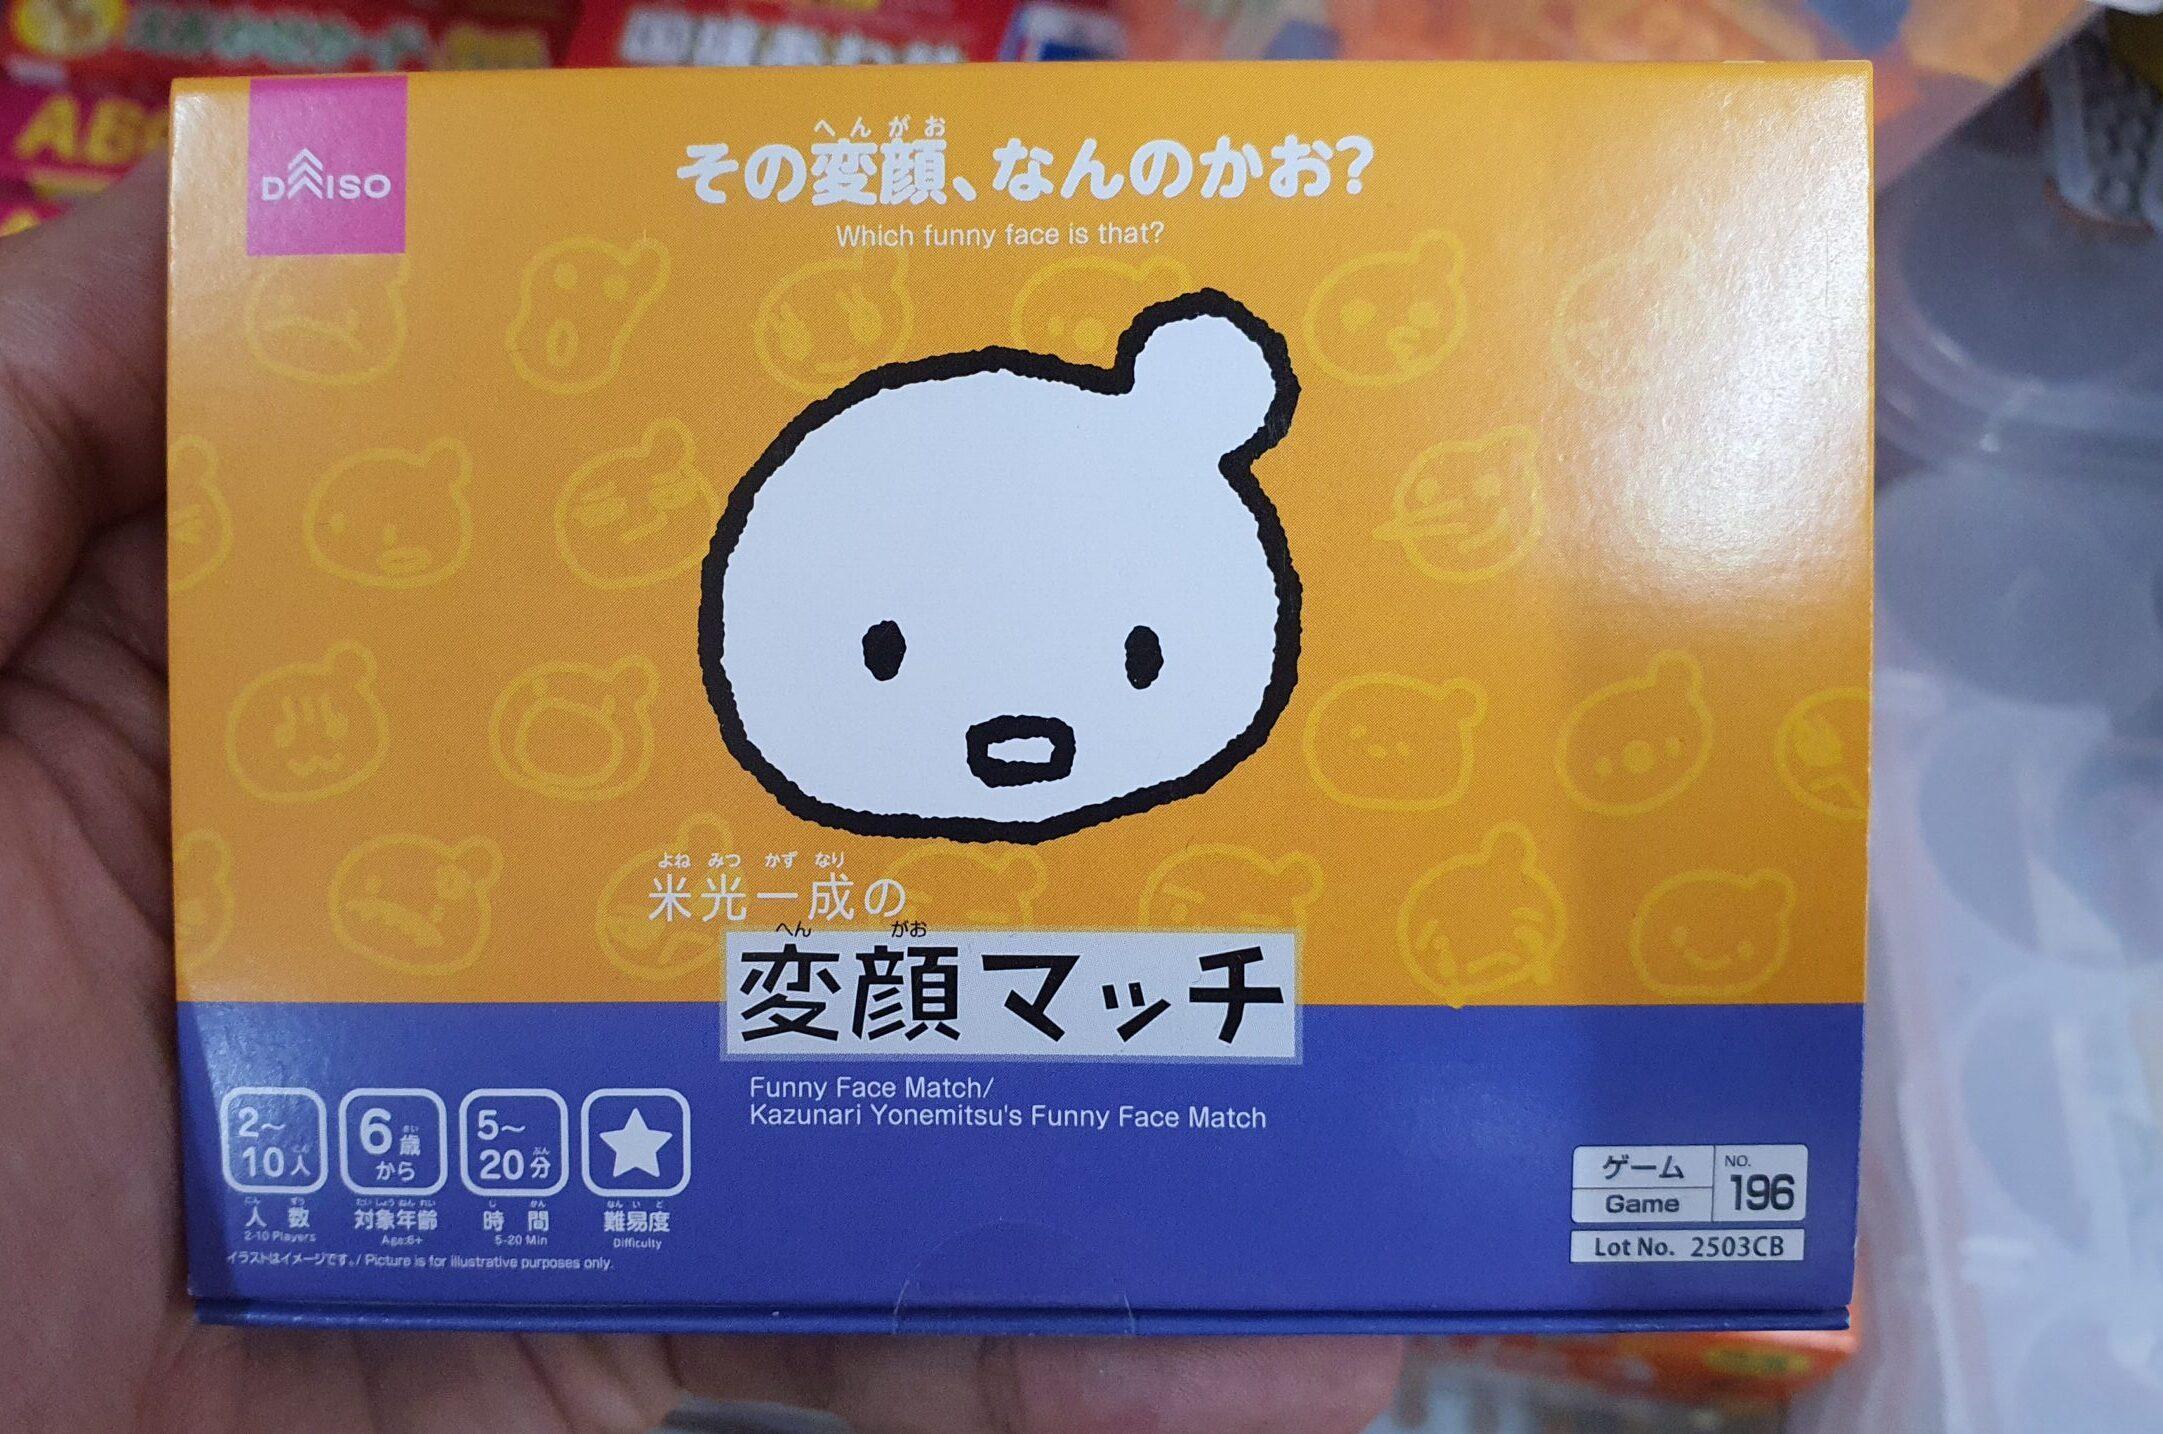 ダイソーのカードゲーム「変顔マッチ」が学級開きで大活躍!